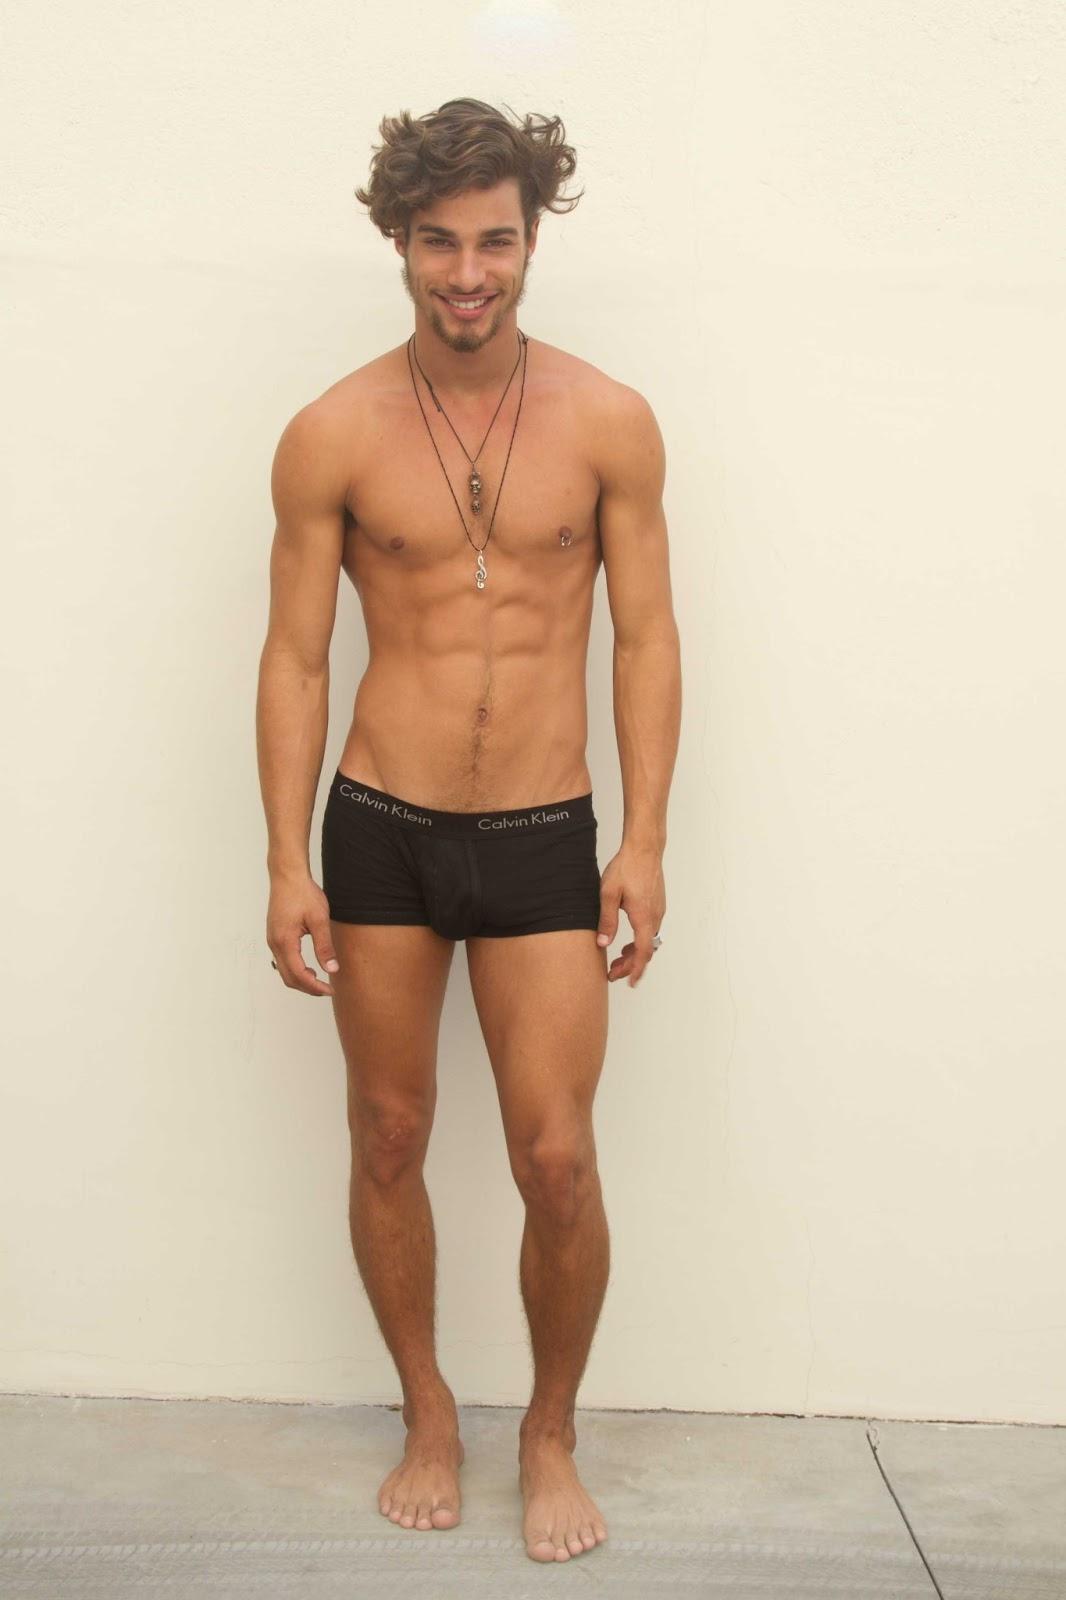 Pablo-Morais-pelado-bunda-de-fora-pentelhos-nu-ator-modelo-internacional-11